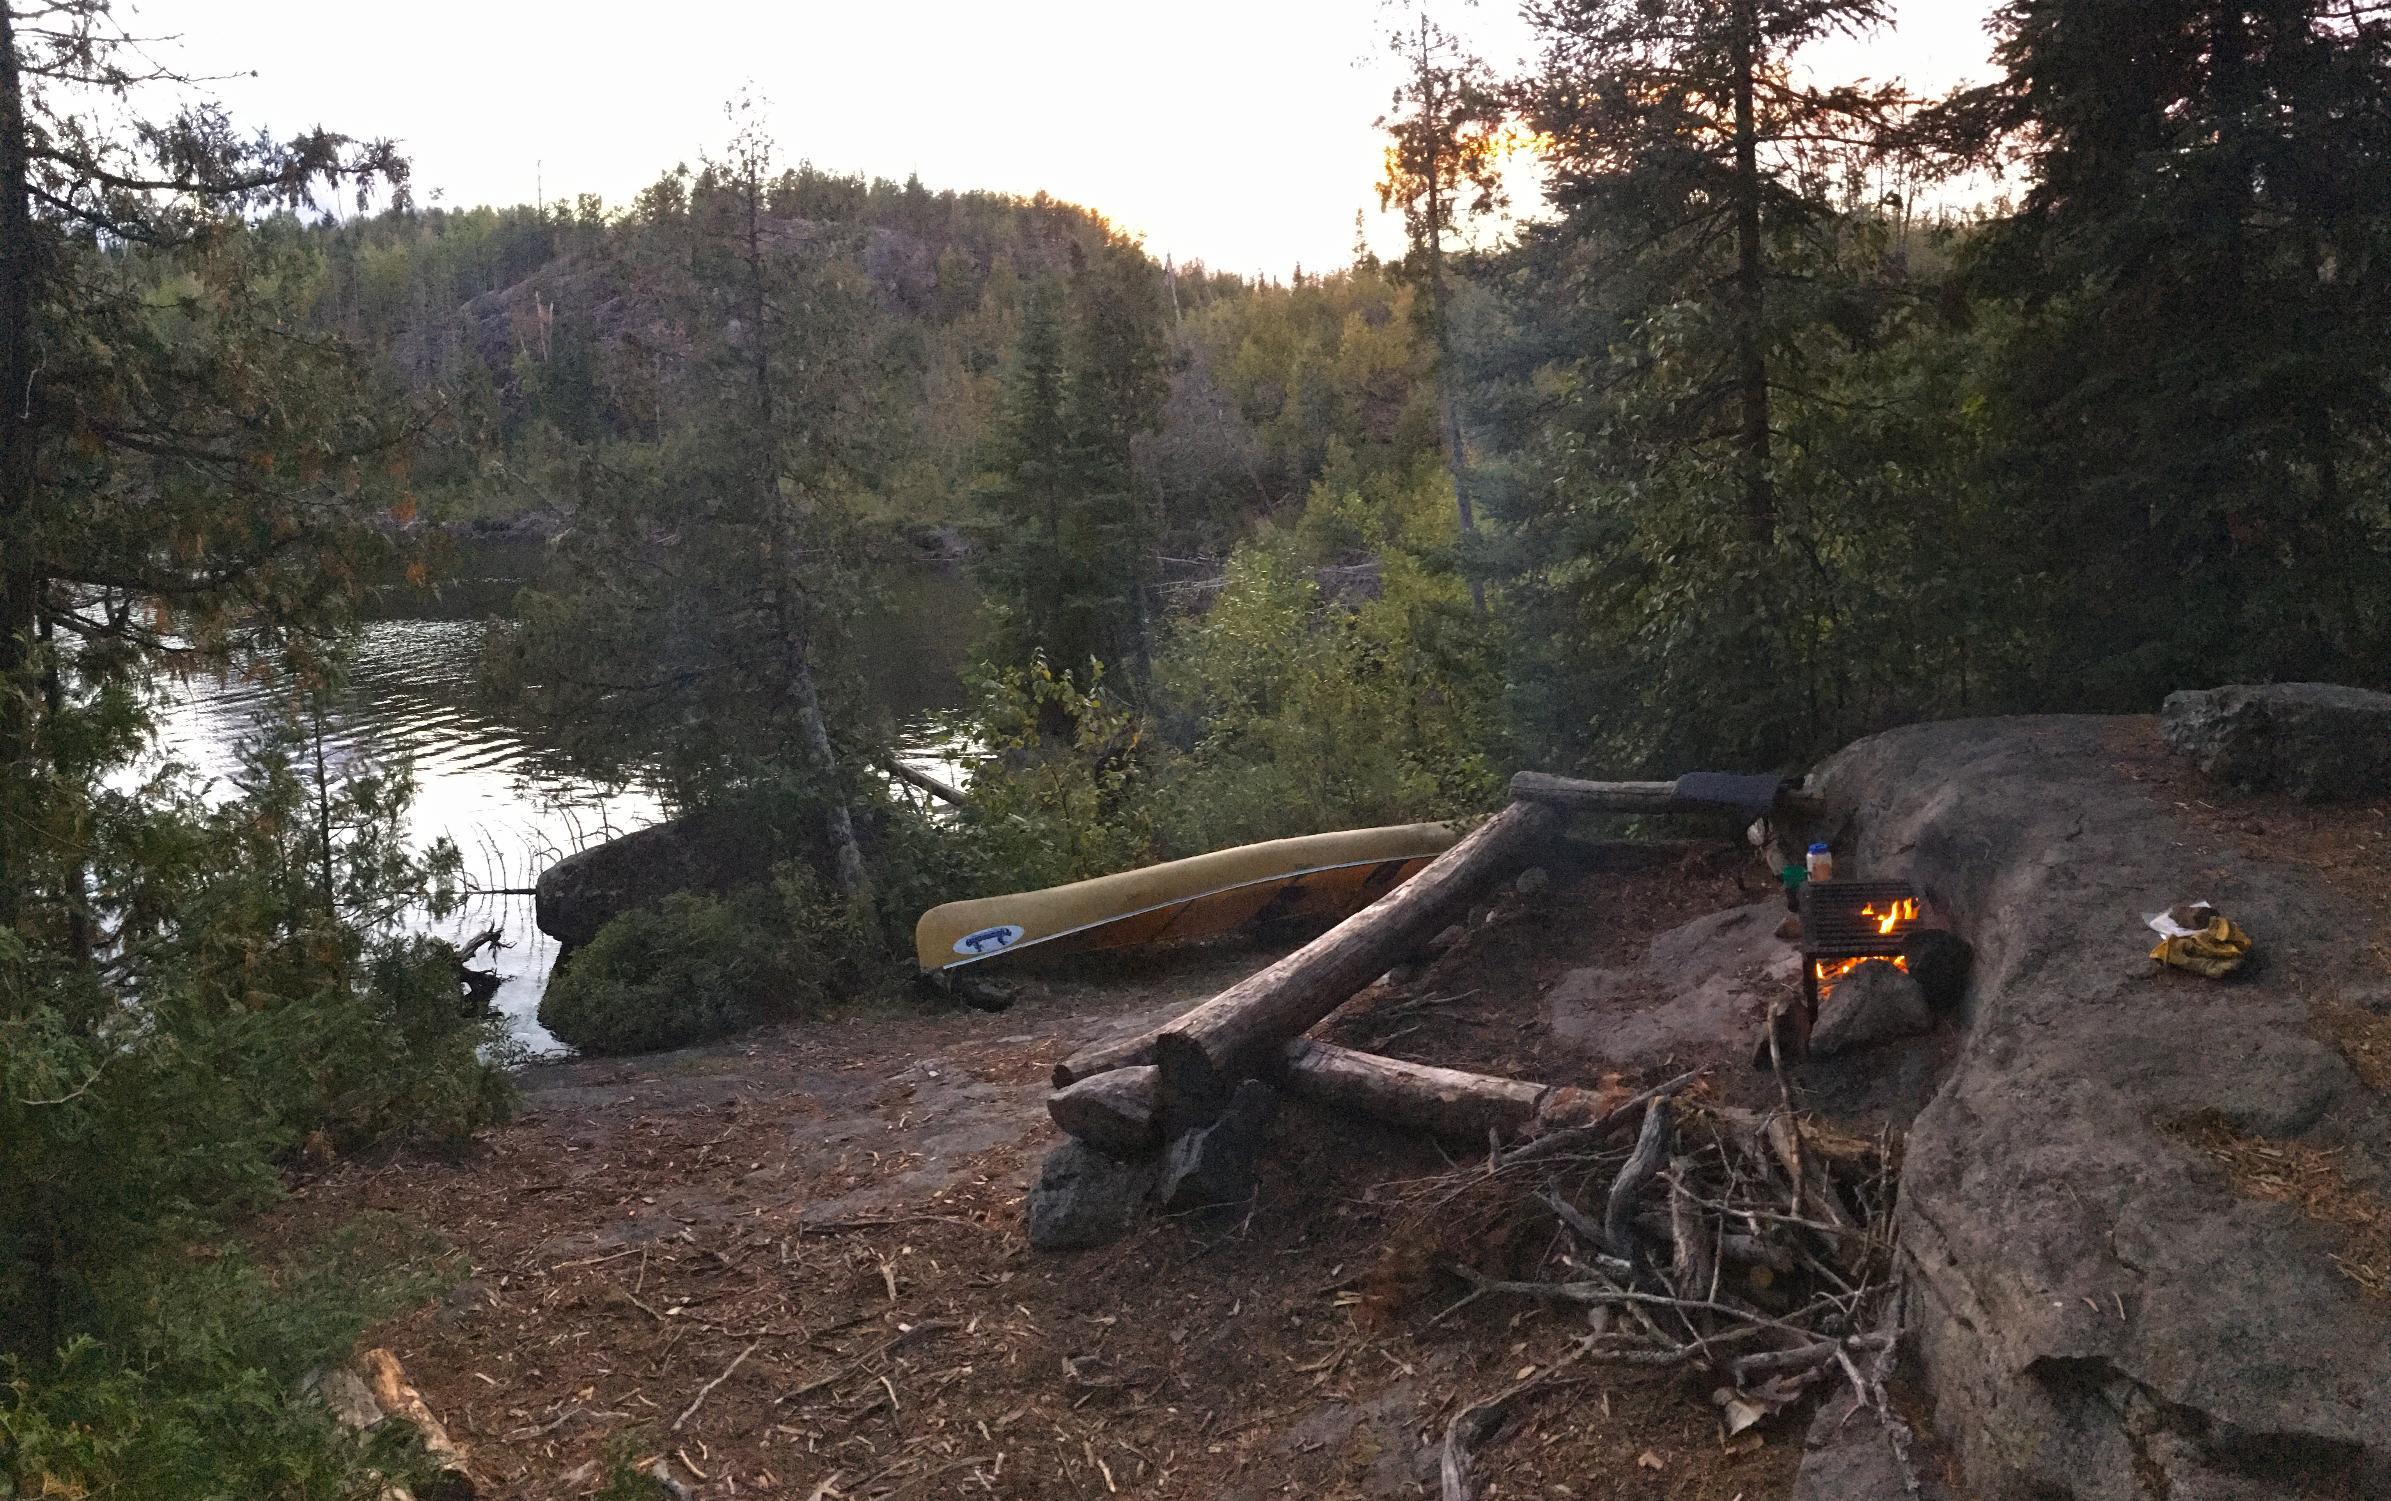 Gillis camp